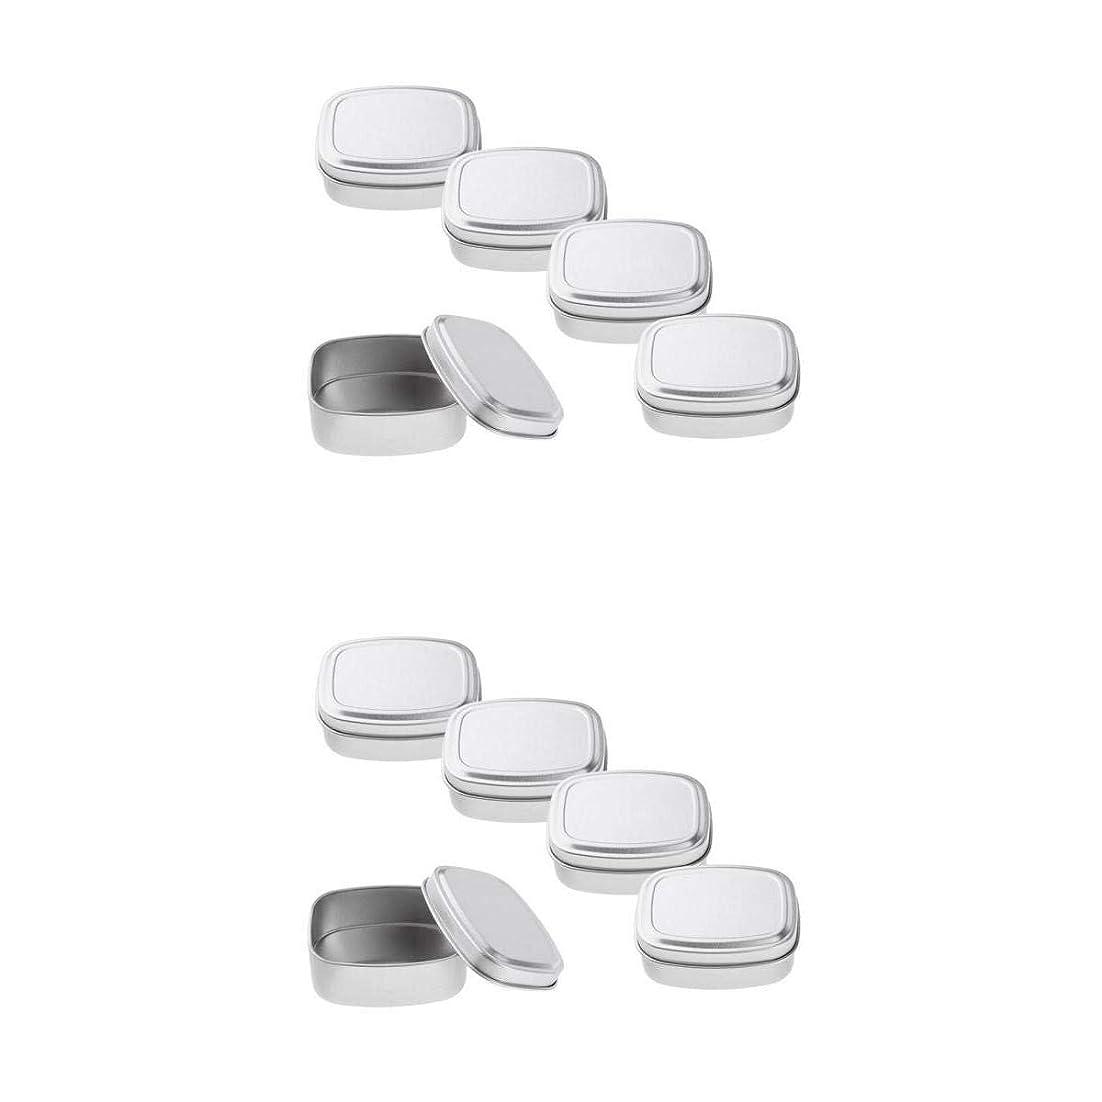 宣伝バリケード真面目なP Prettyia 10個 アルミ缶 正方形 メイクアップ クリームポット 旅行 便利